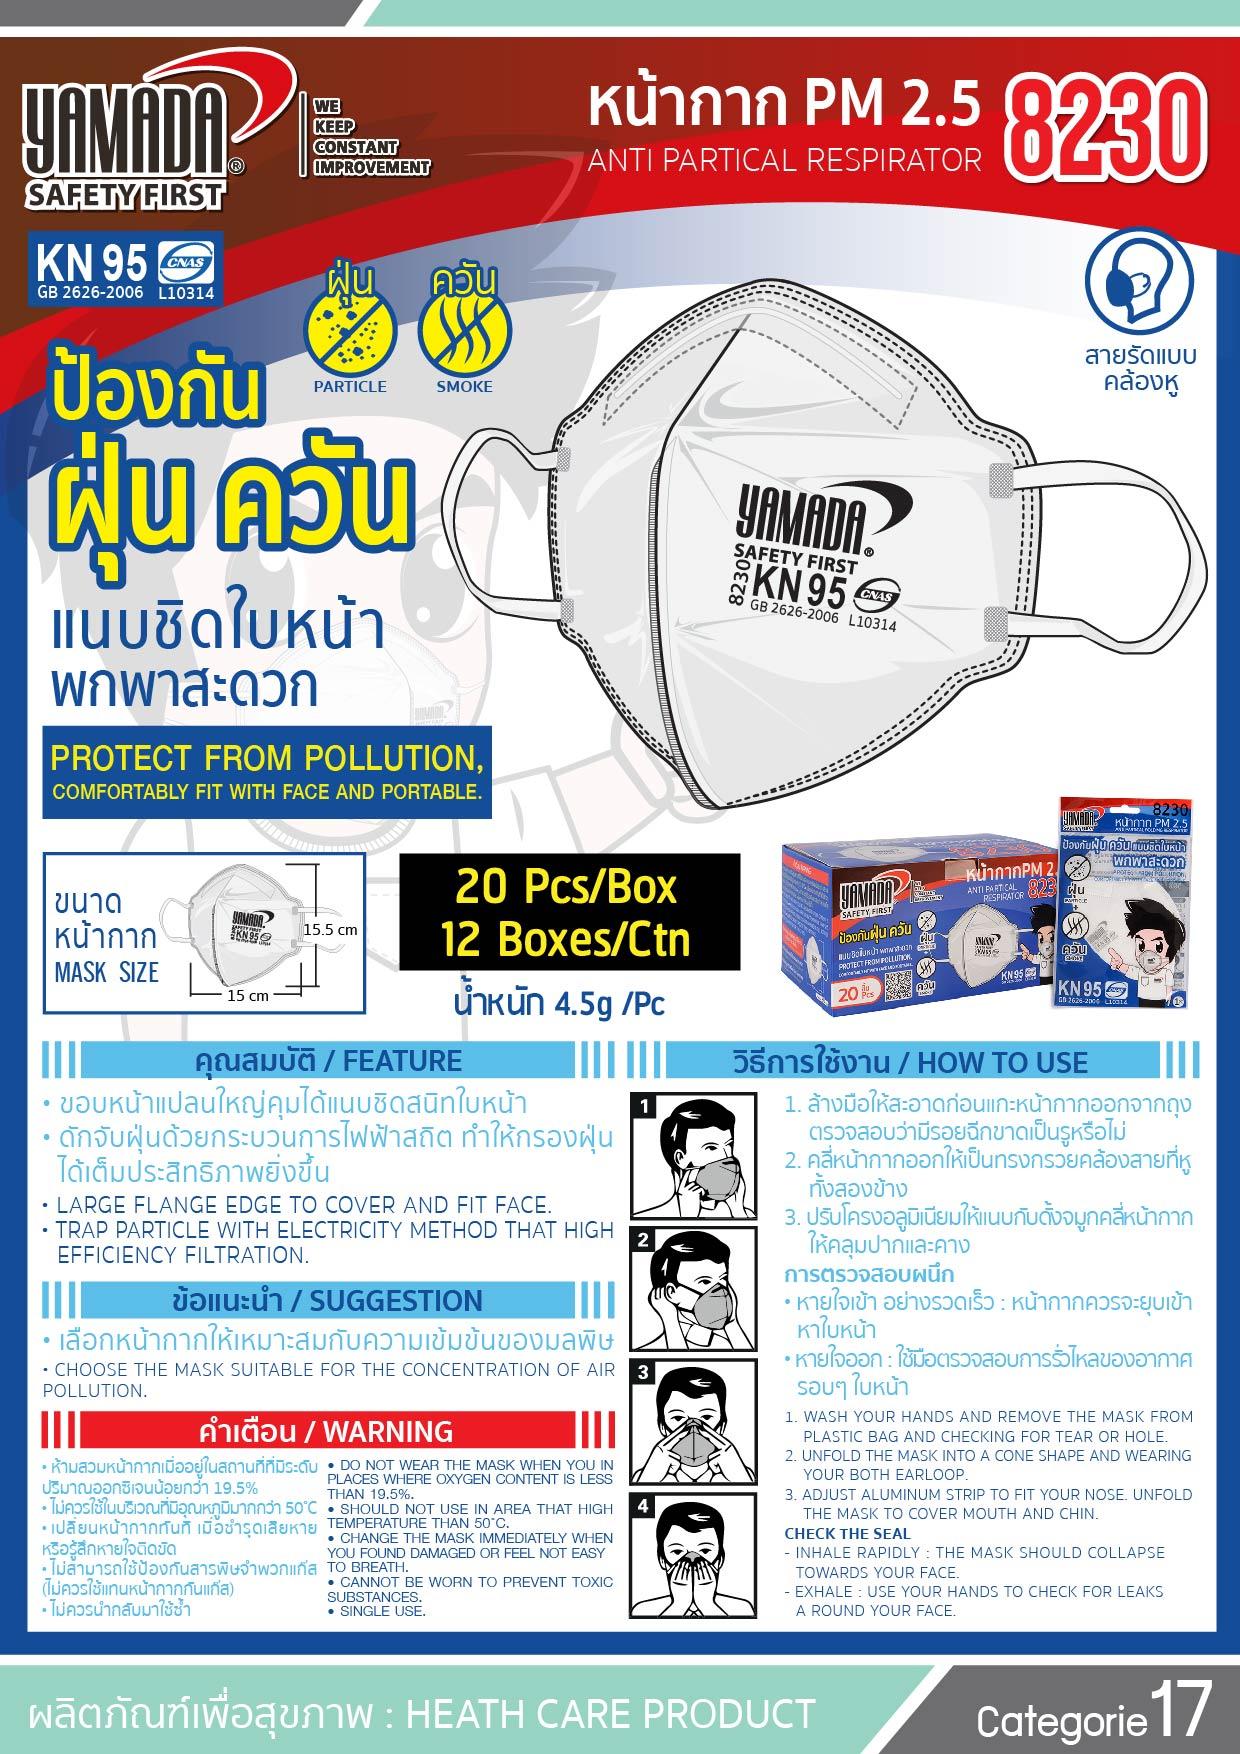 (10/13) หน้ากาก PM2.5 รุ่น 8230